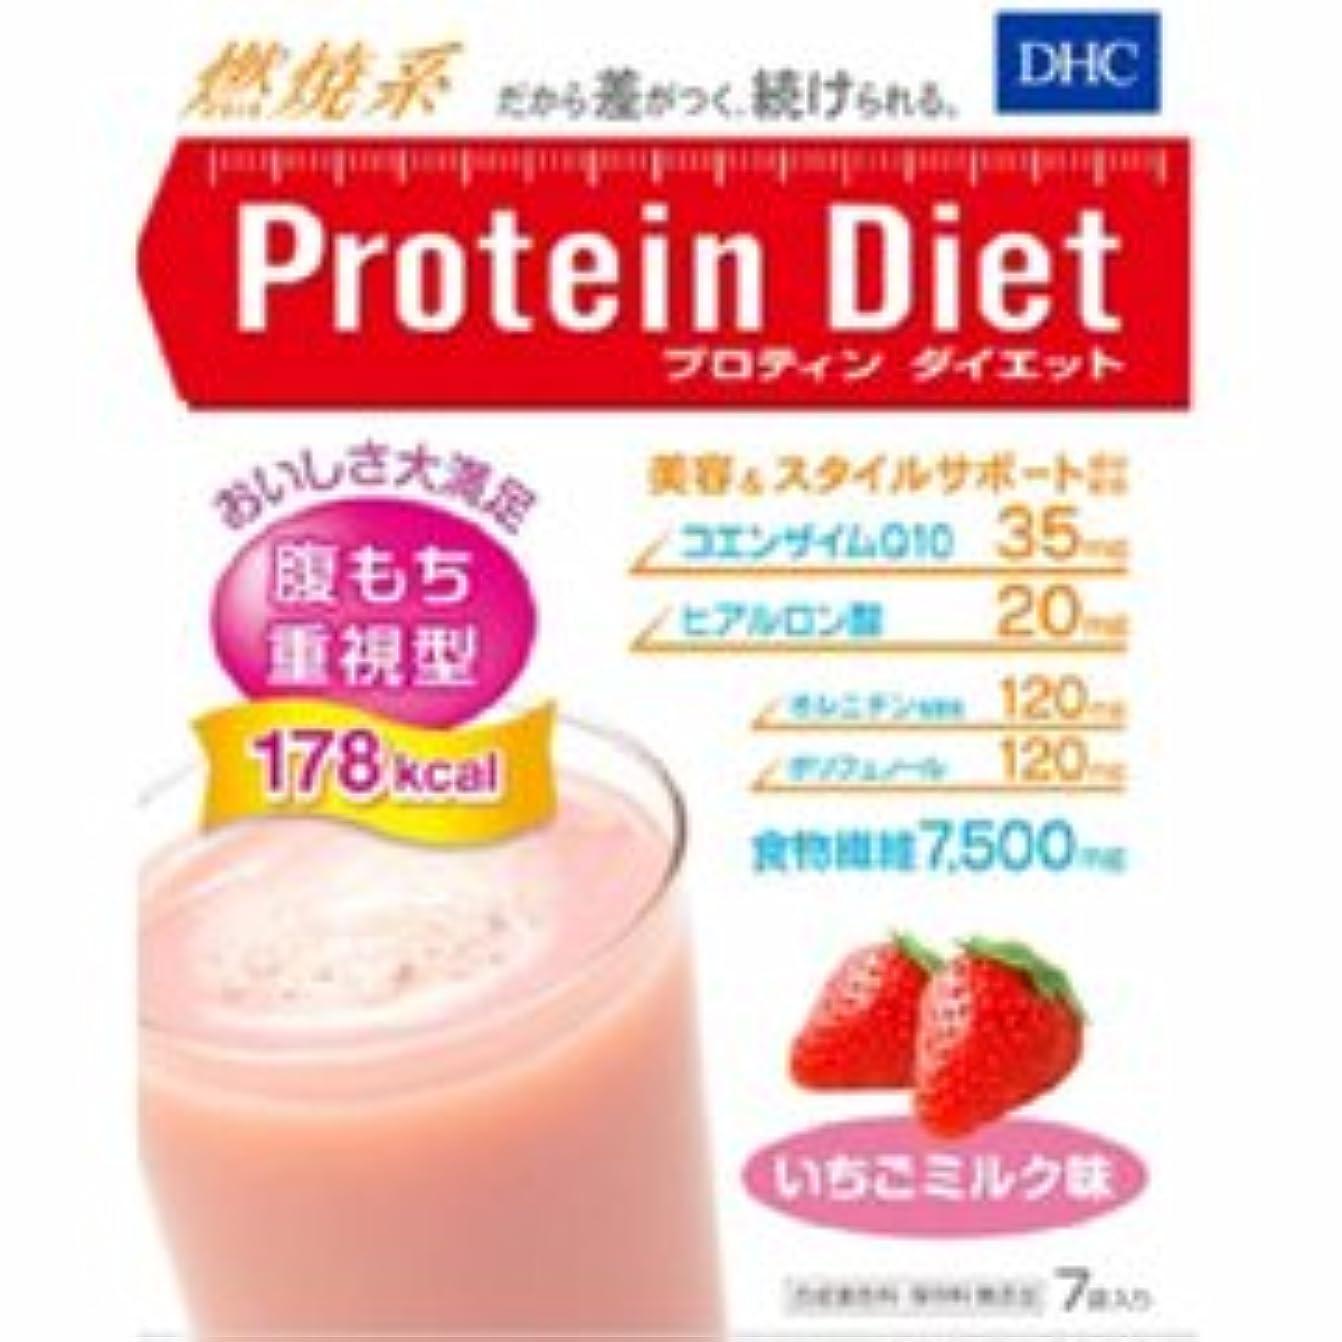 狼先祖立方体DHCの健康食品 プロティンダイエット いちごミルク味 50g×7袋 【DHC】